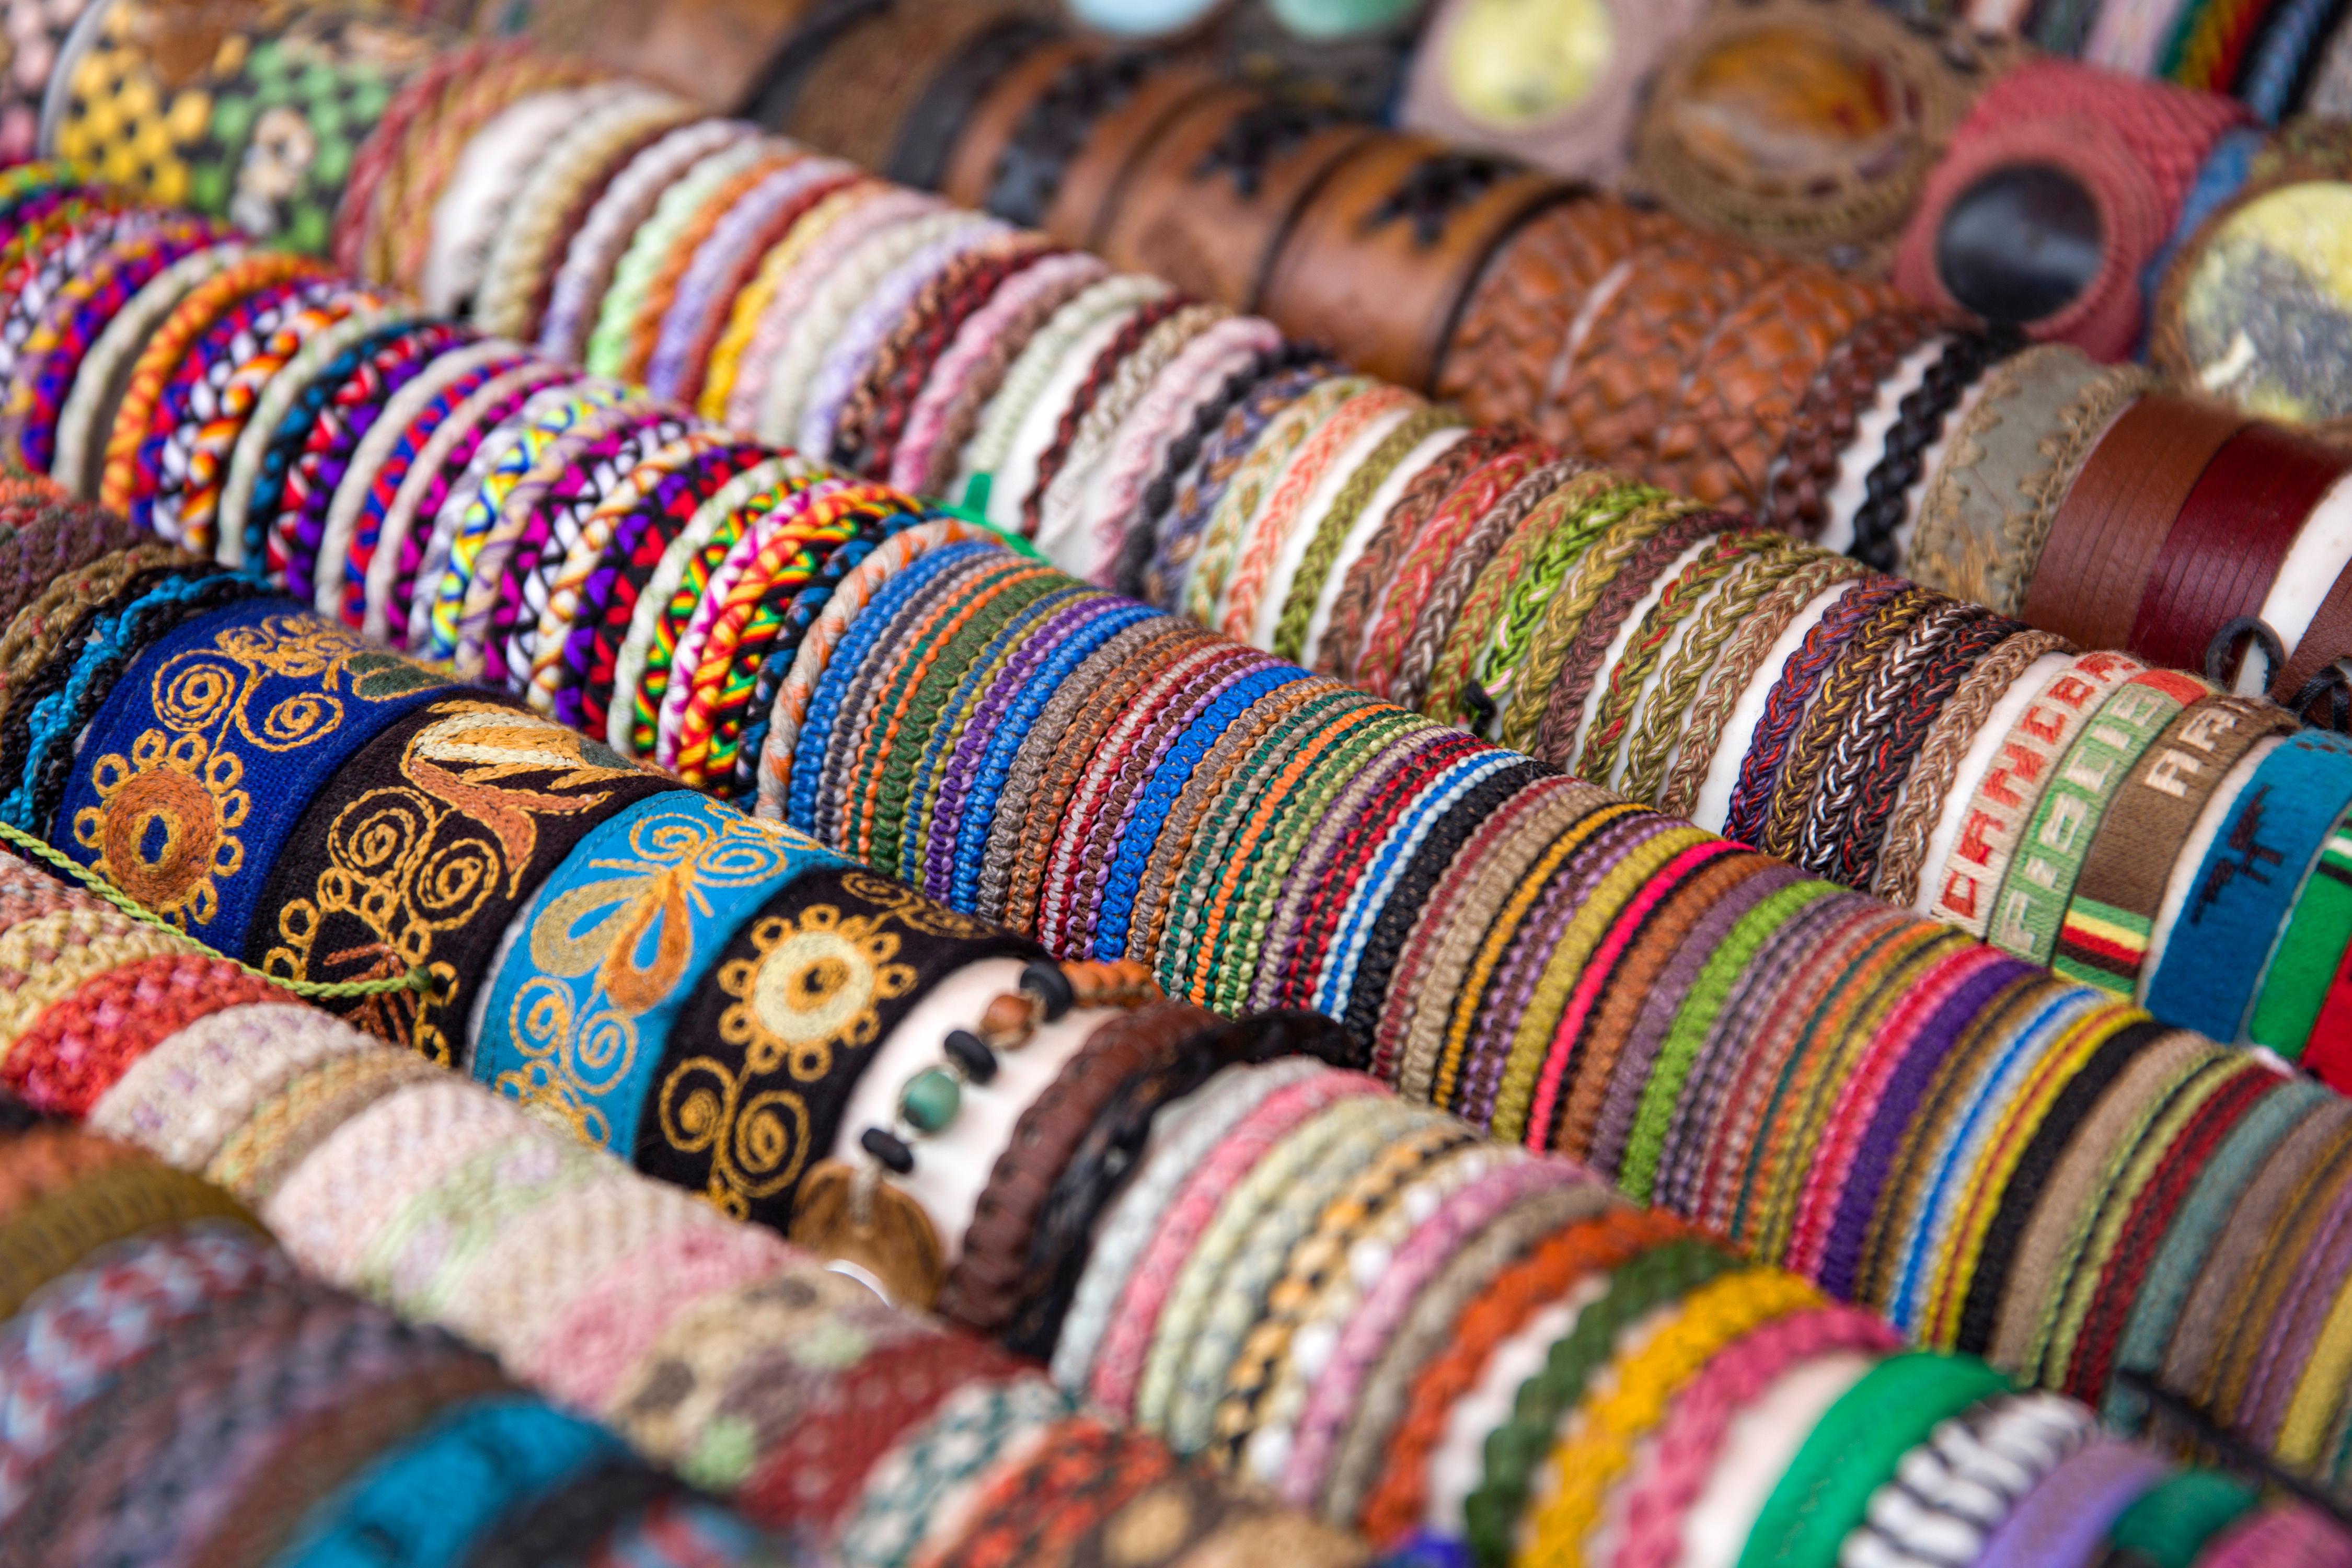 En Artecampo se encuentra la mejor artesanía de la ciudad - Bolivia Gran Viaje Bolivia Increíble